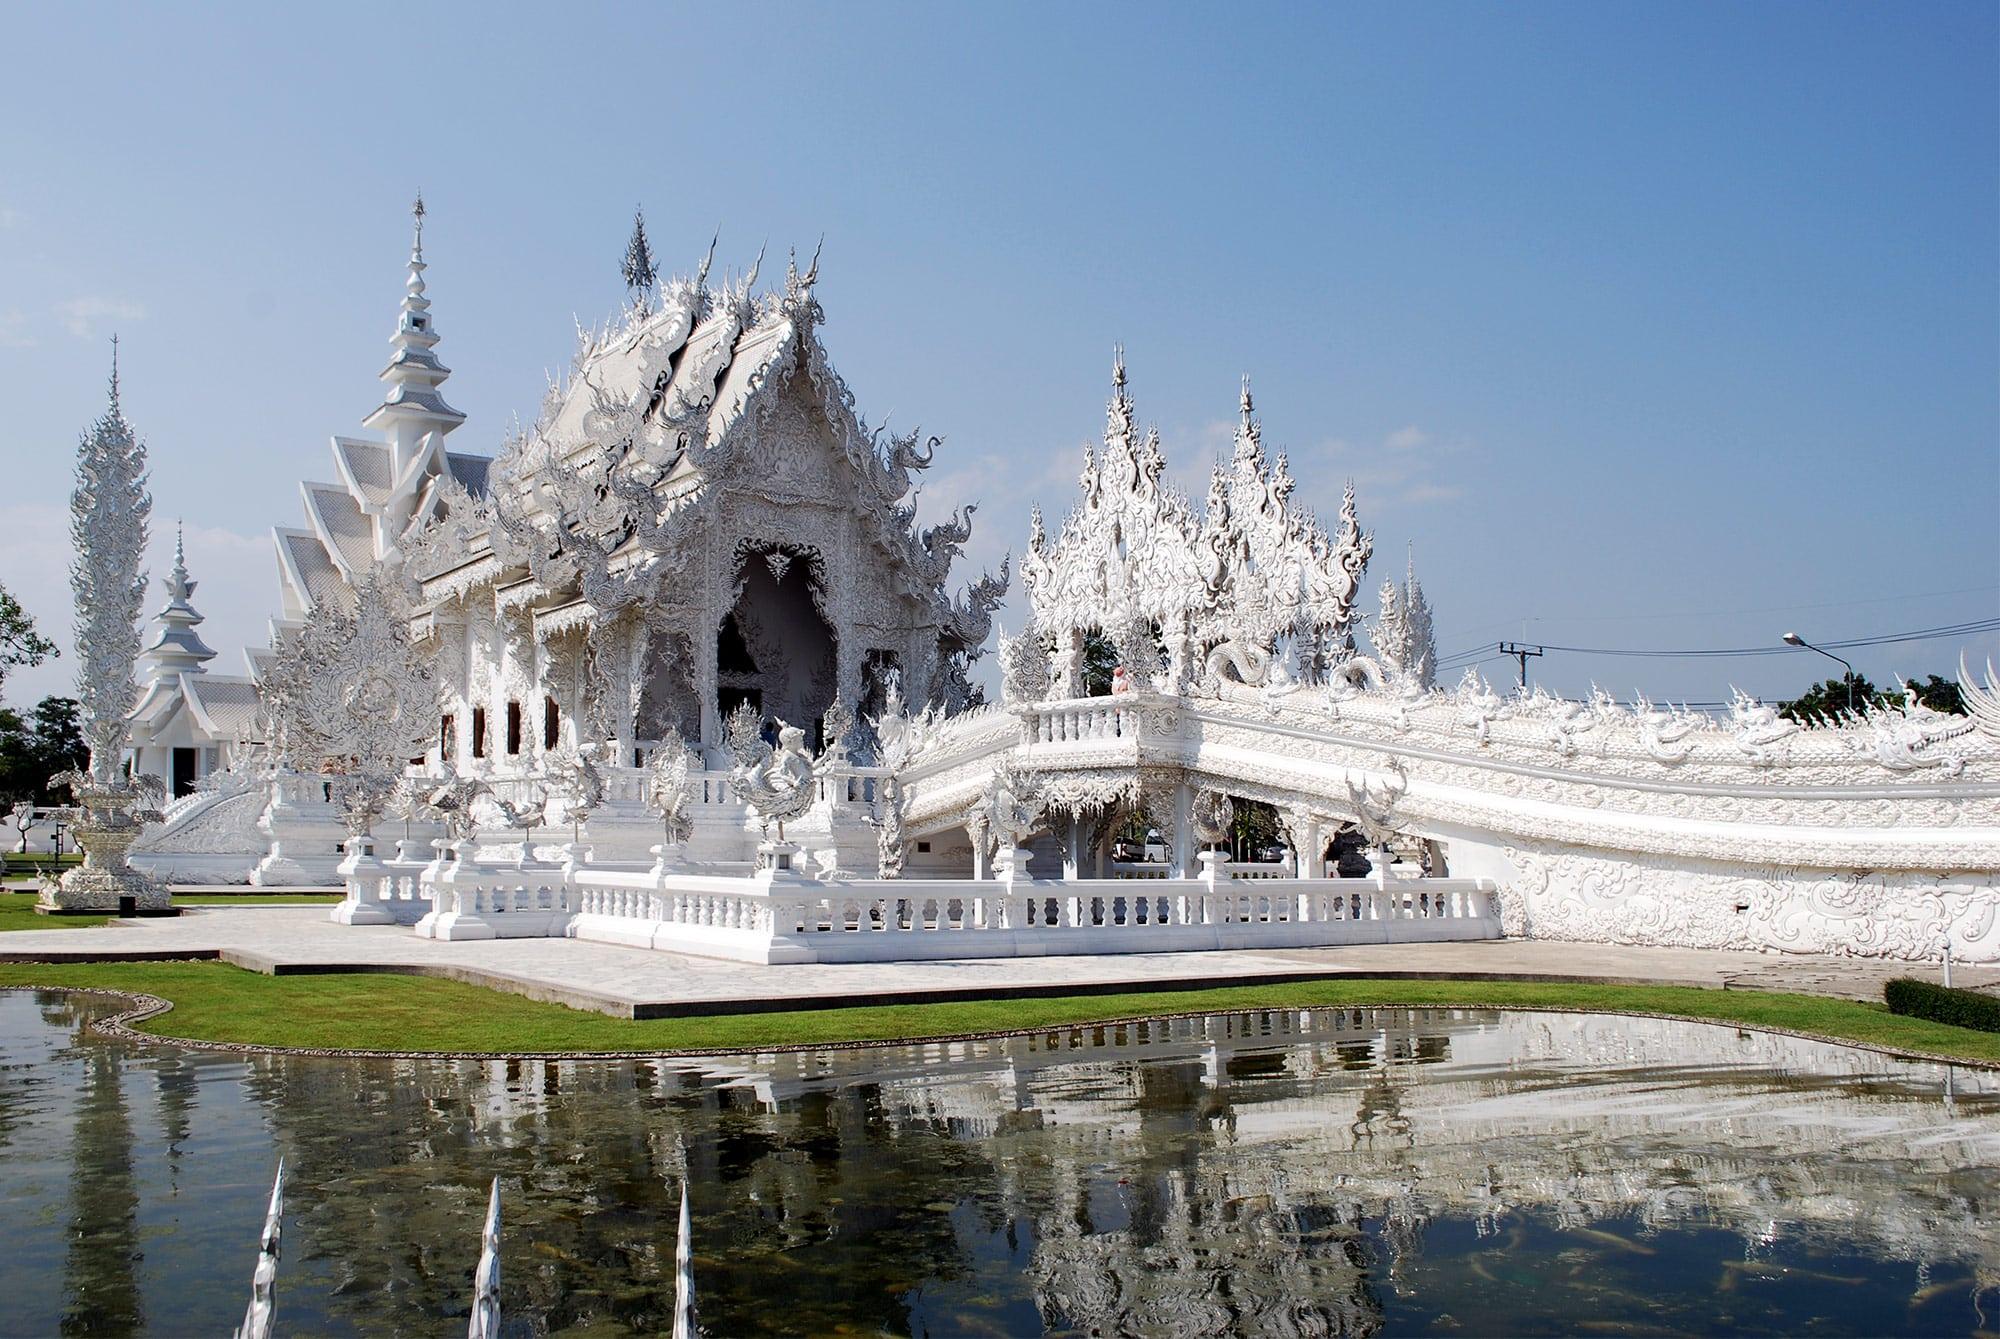 Image Des architectures inspirantes à travers le monde